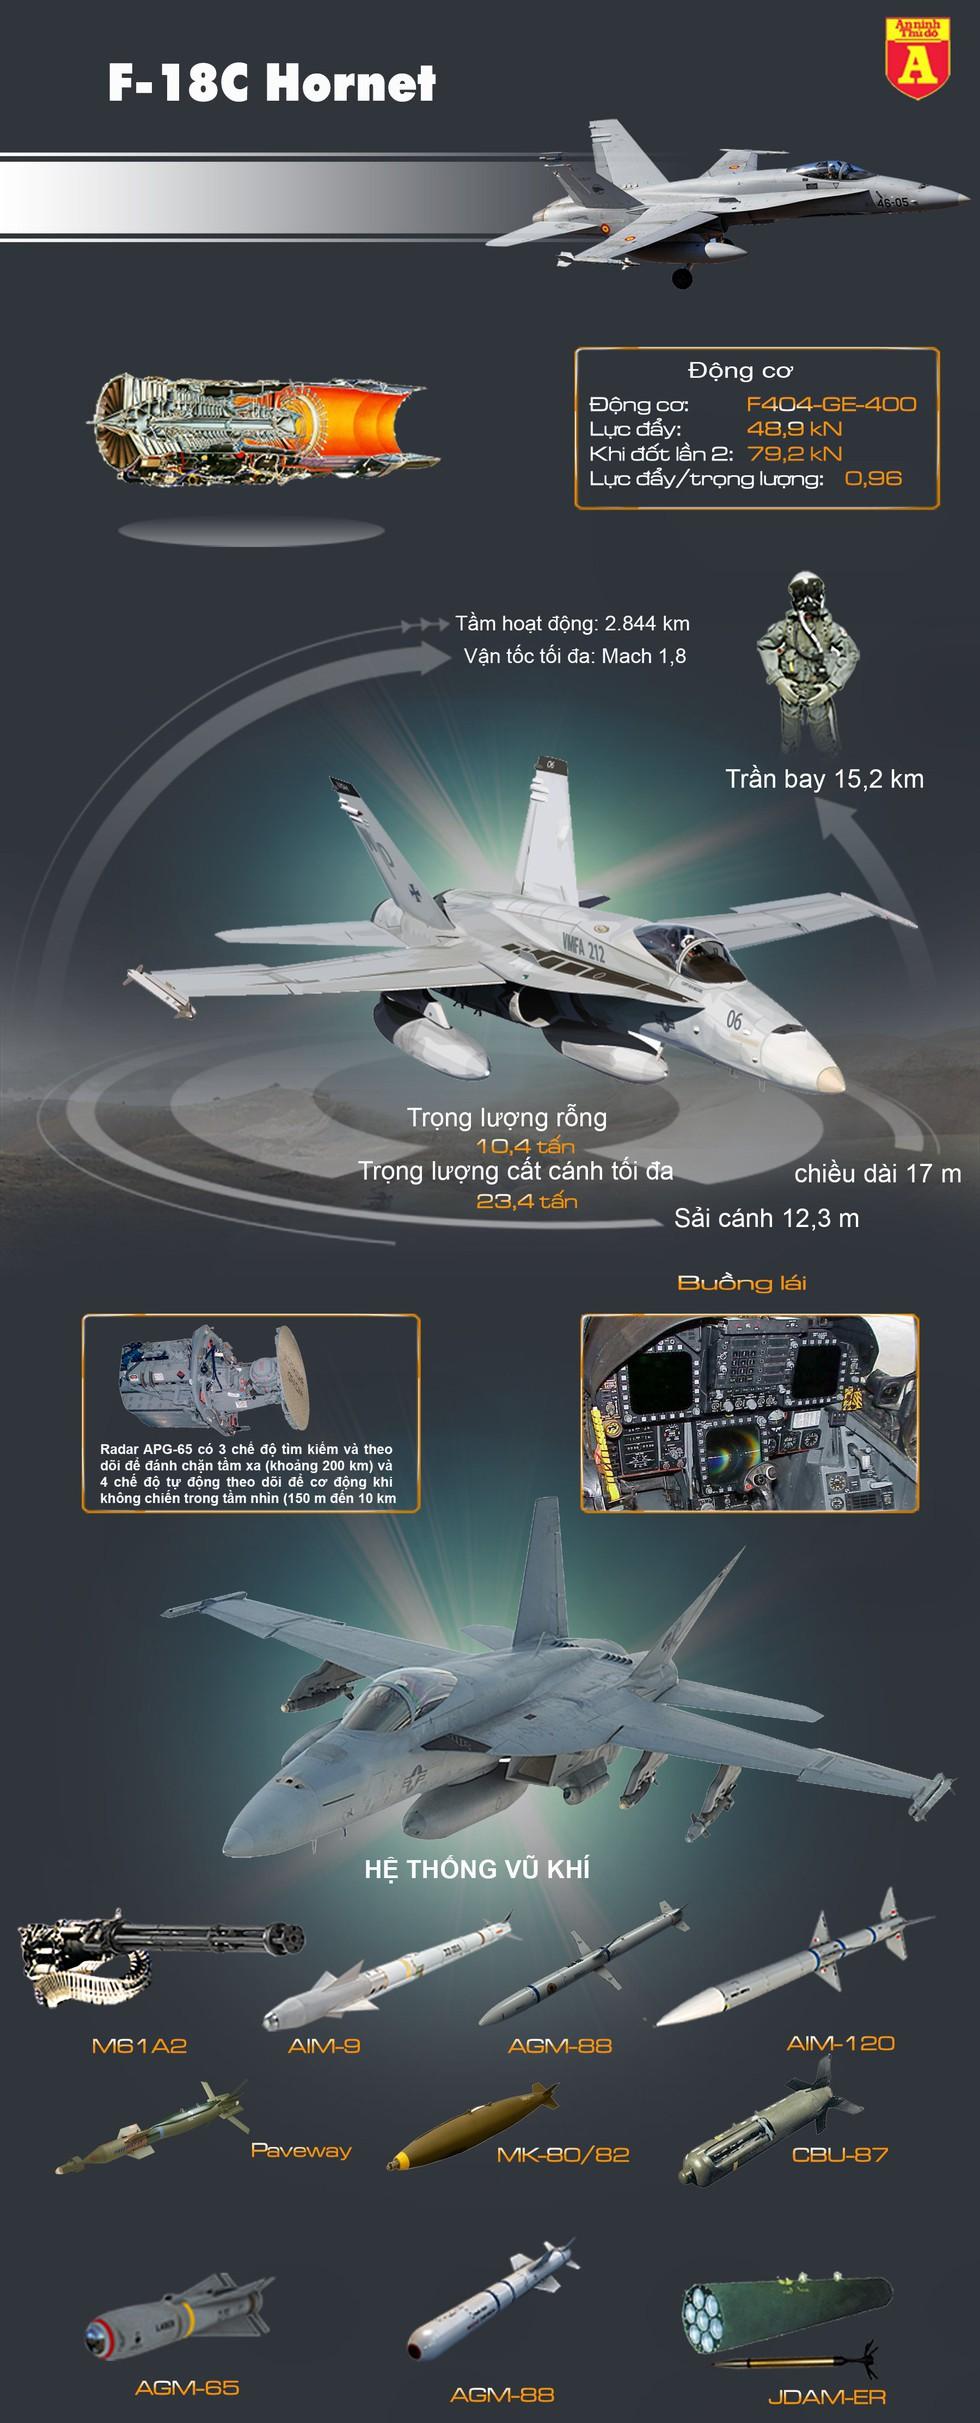 """[Info] """"Ong bắp cày"""" F-18 cuối cùng của Mỹ giã từ bầu trời, kết thúc khúc anh hùng ca ảnh 3"""